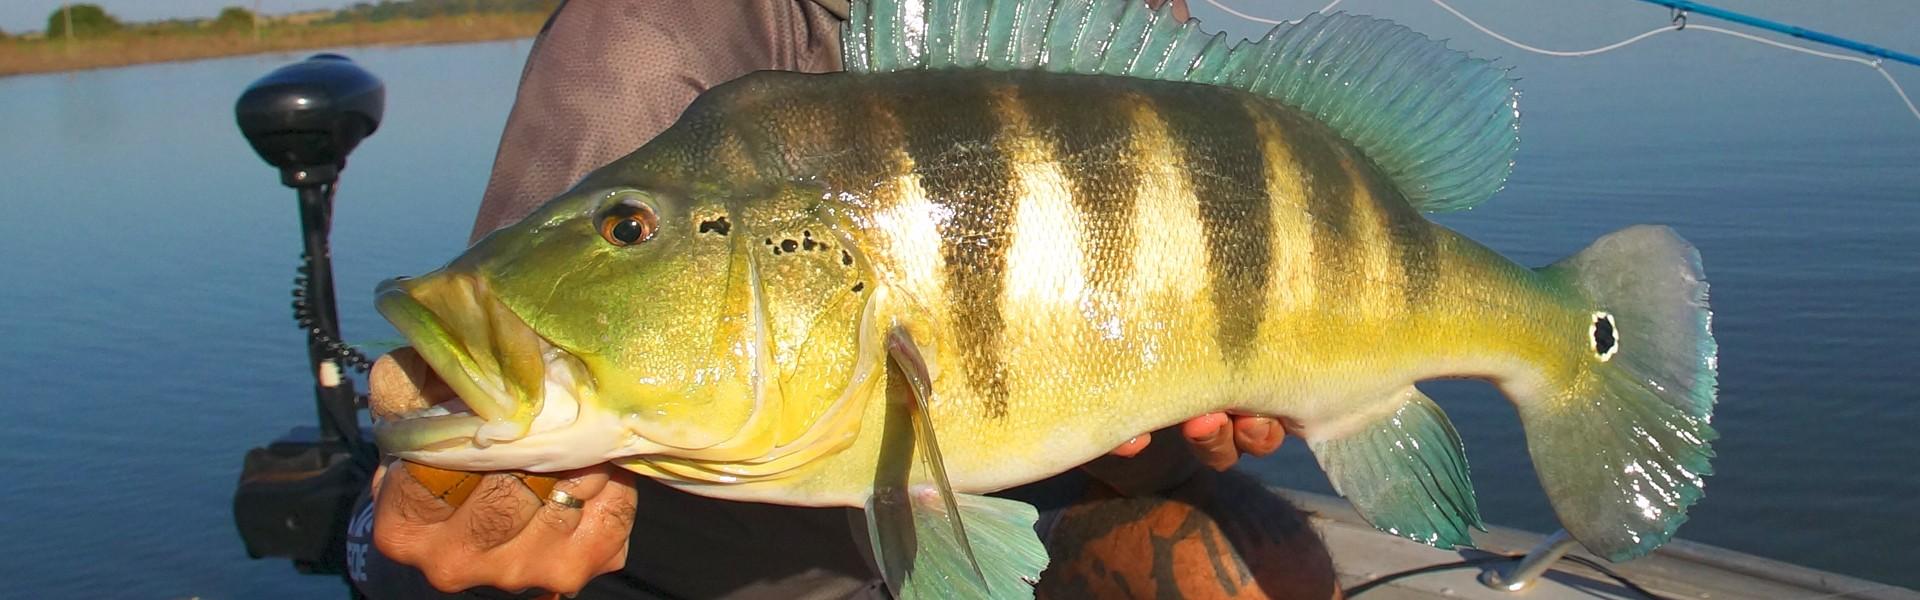 Encontro debate a pesca esportiva do tucunaré em Presidente Epitácio, em São Paulo